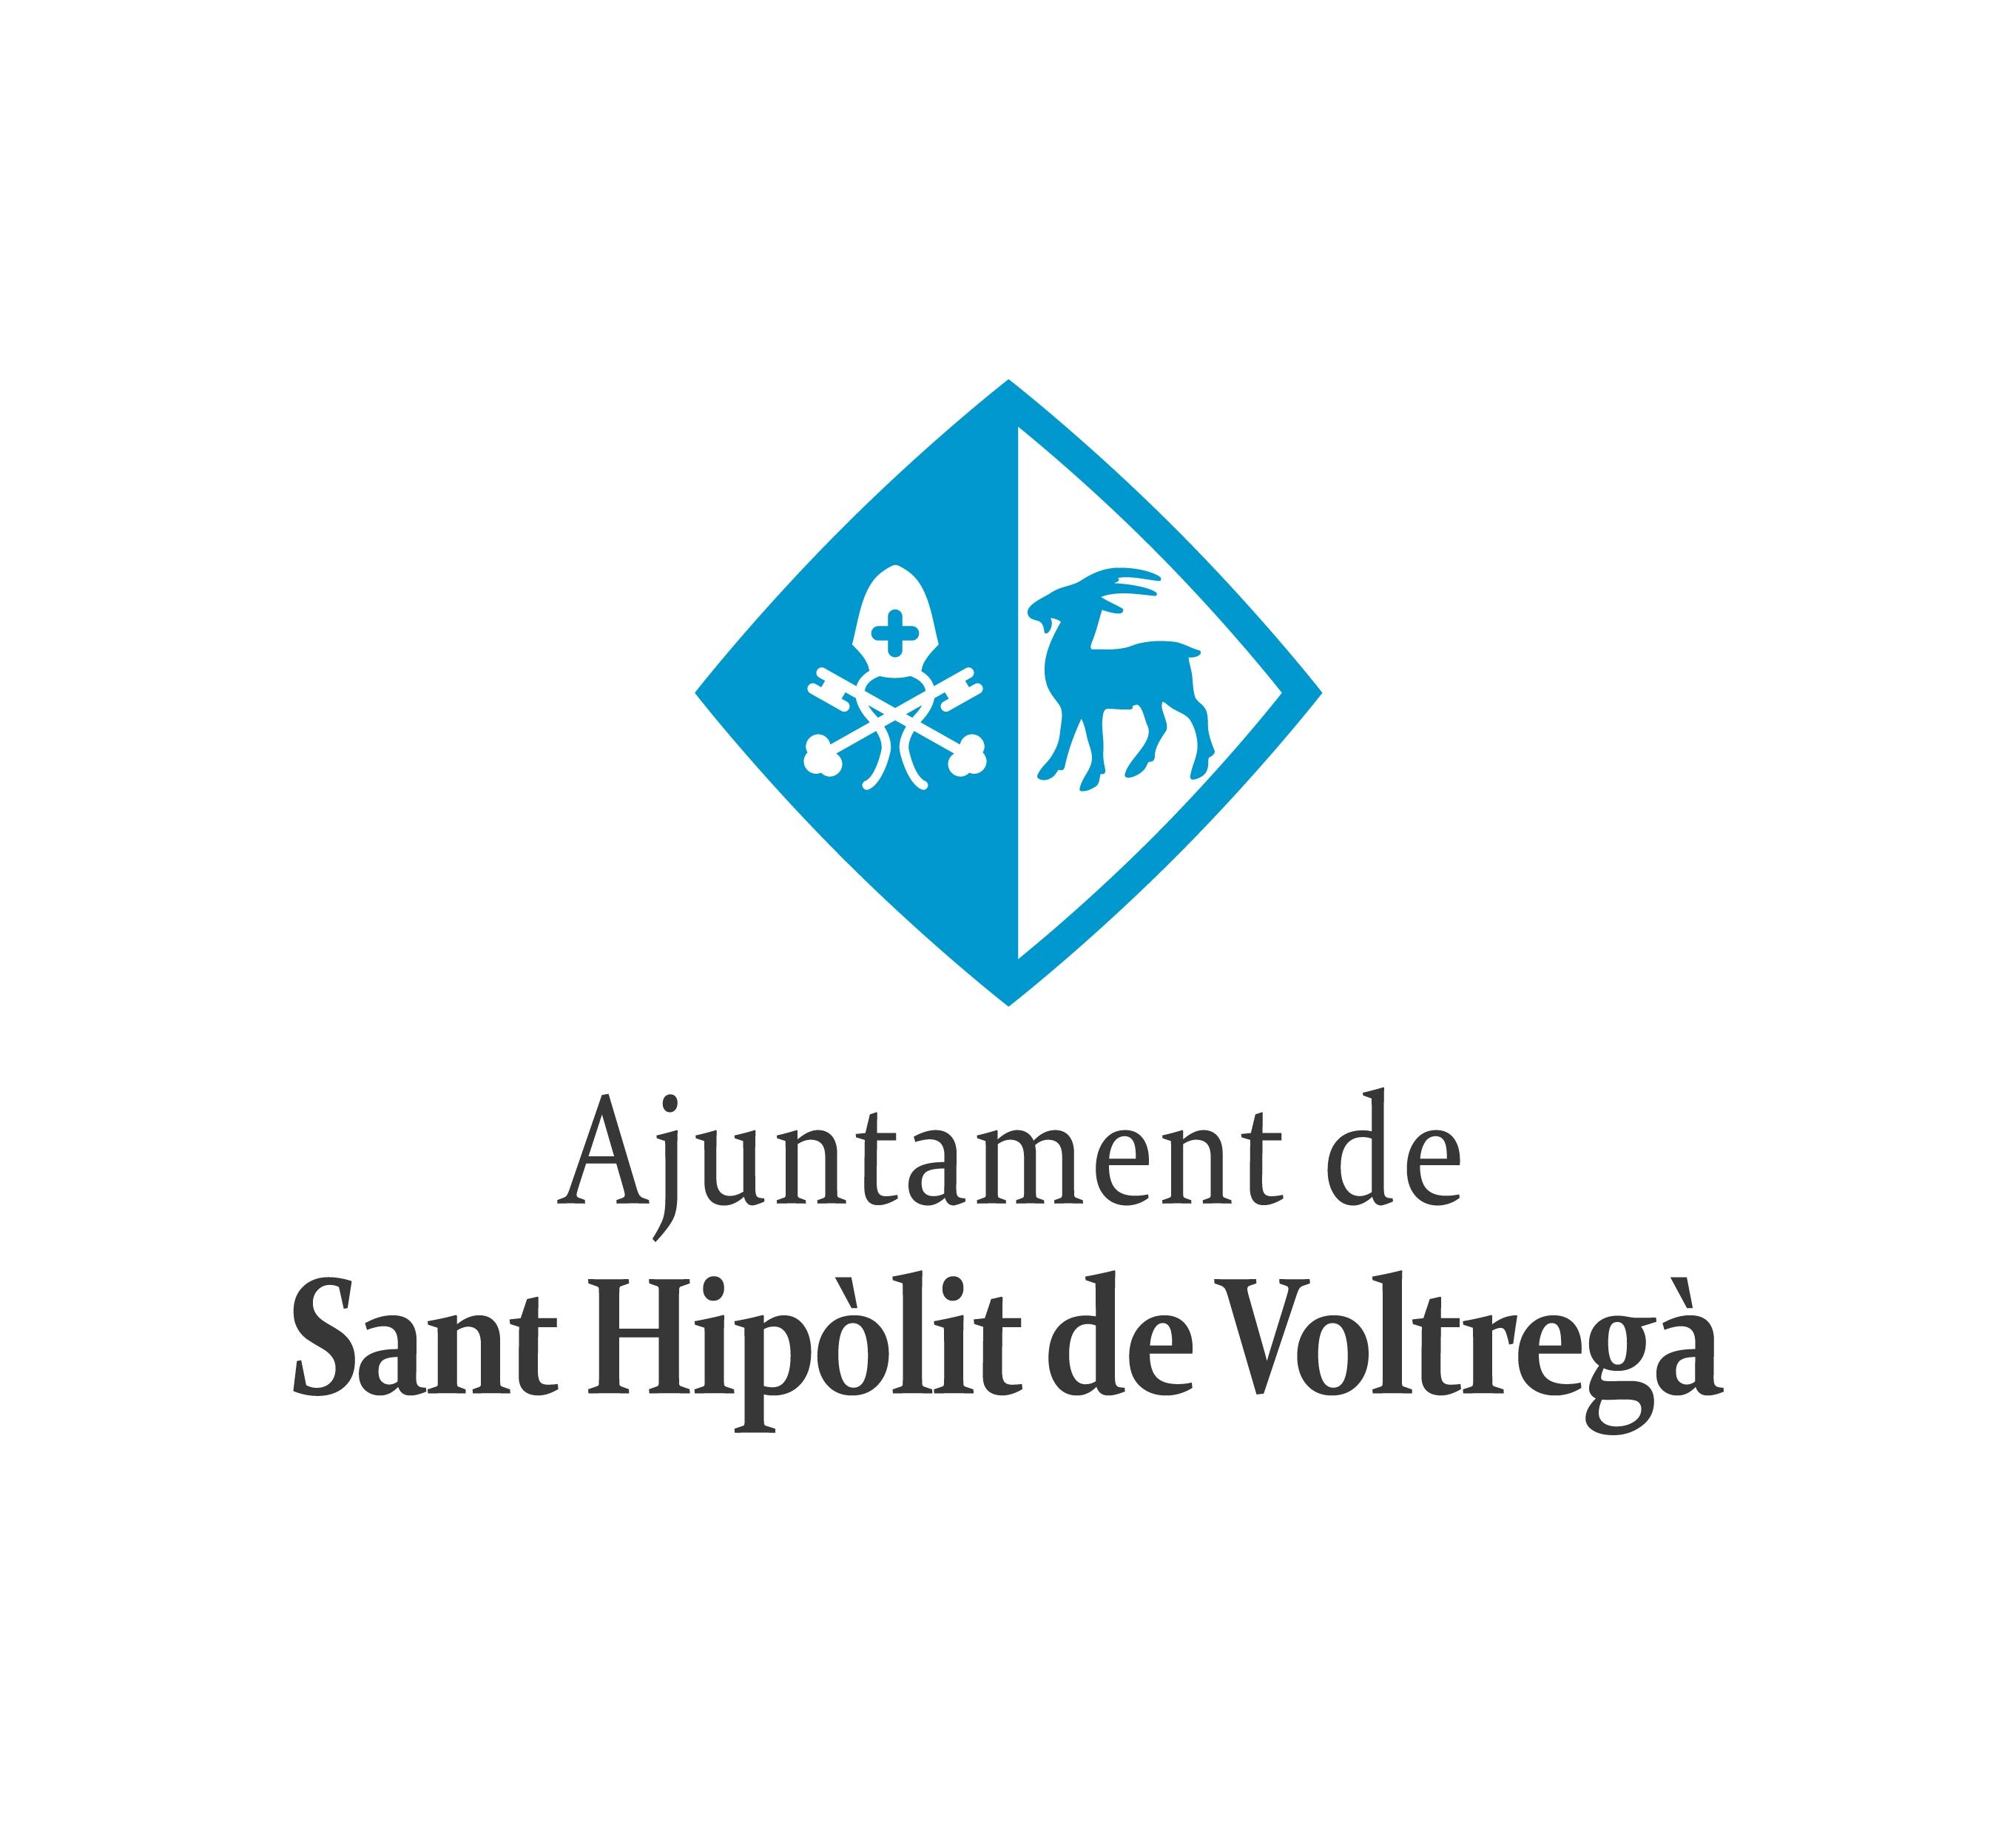 Logotip de l'Ajuntament de Sant Hipòlit de Voltregà